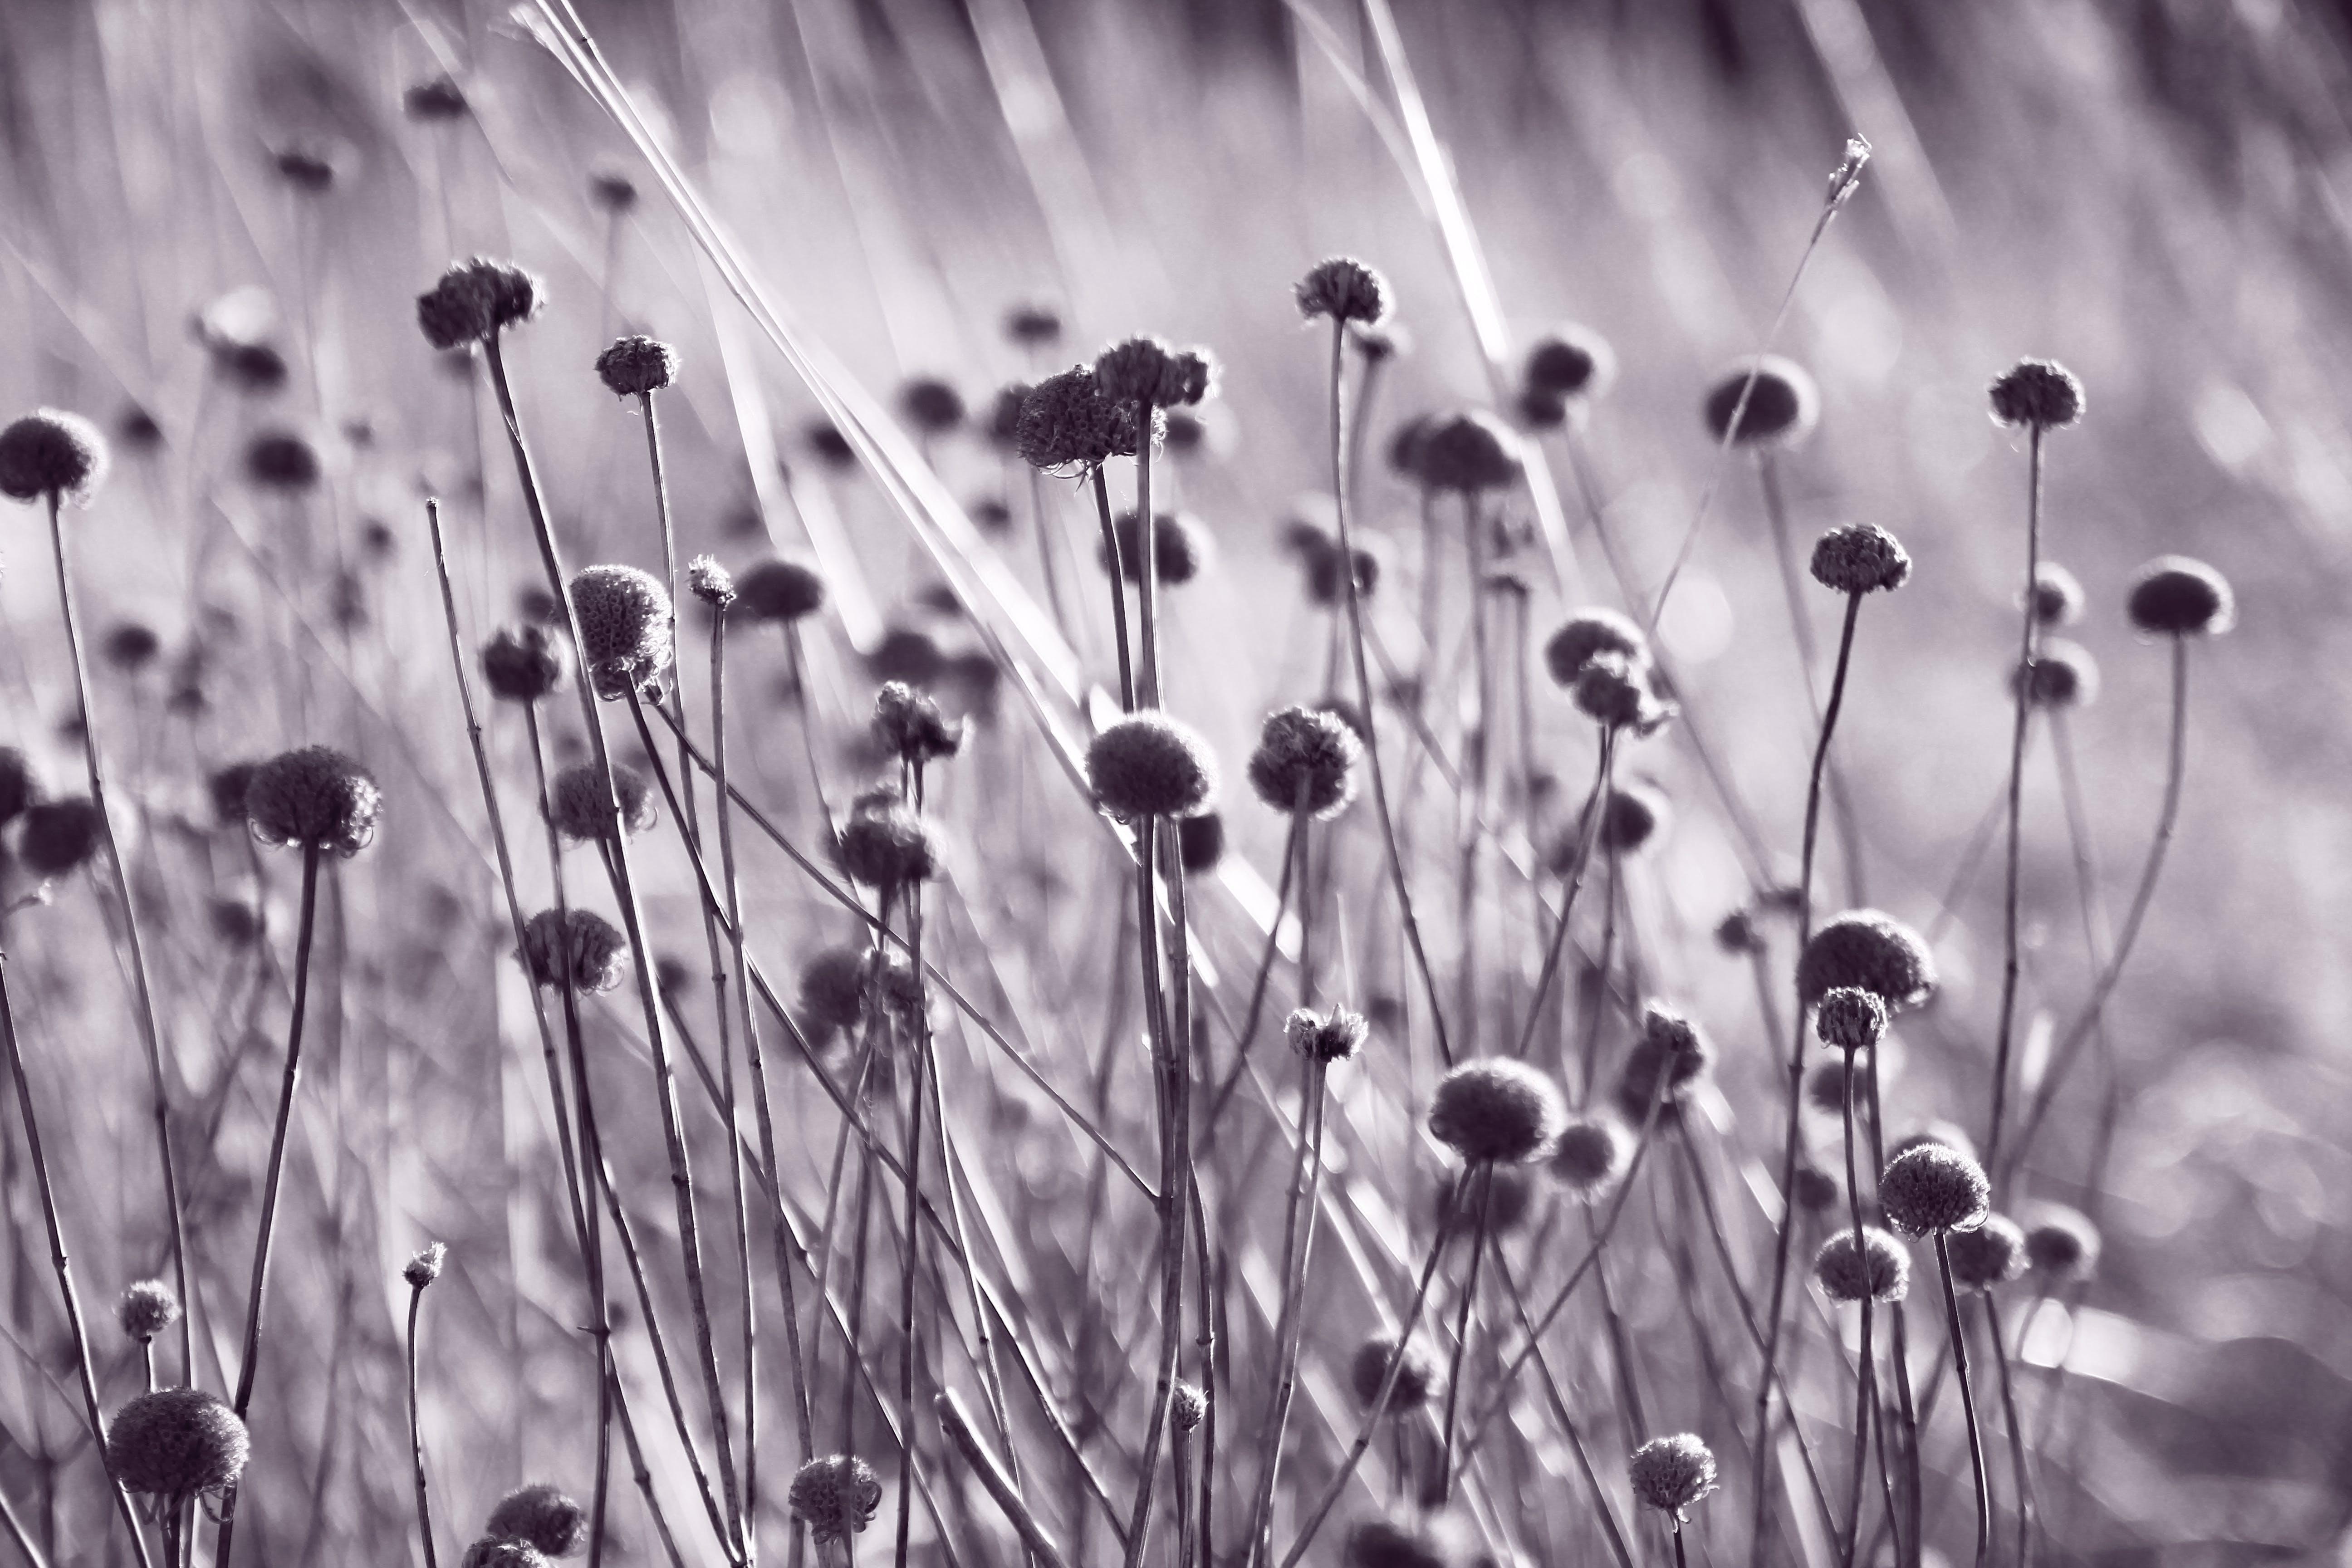 Δωρεάν στοκ φωτογραφιών με background, winnipeg, άγρια λουλούδια, αγριολούλουδο